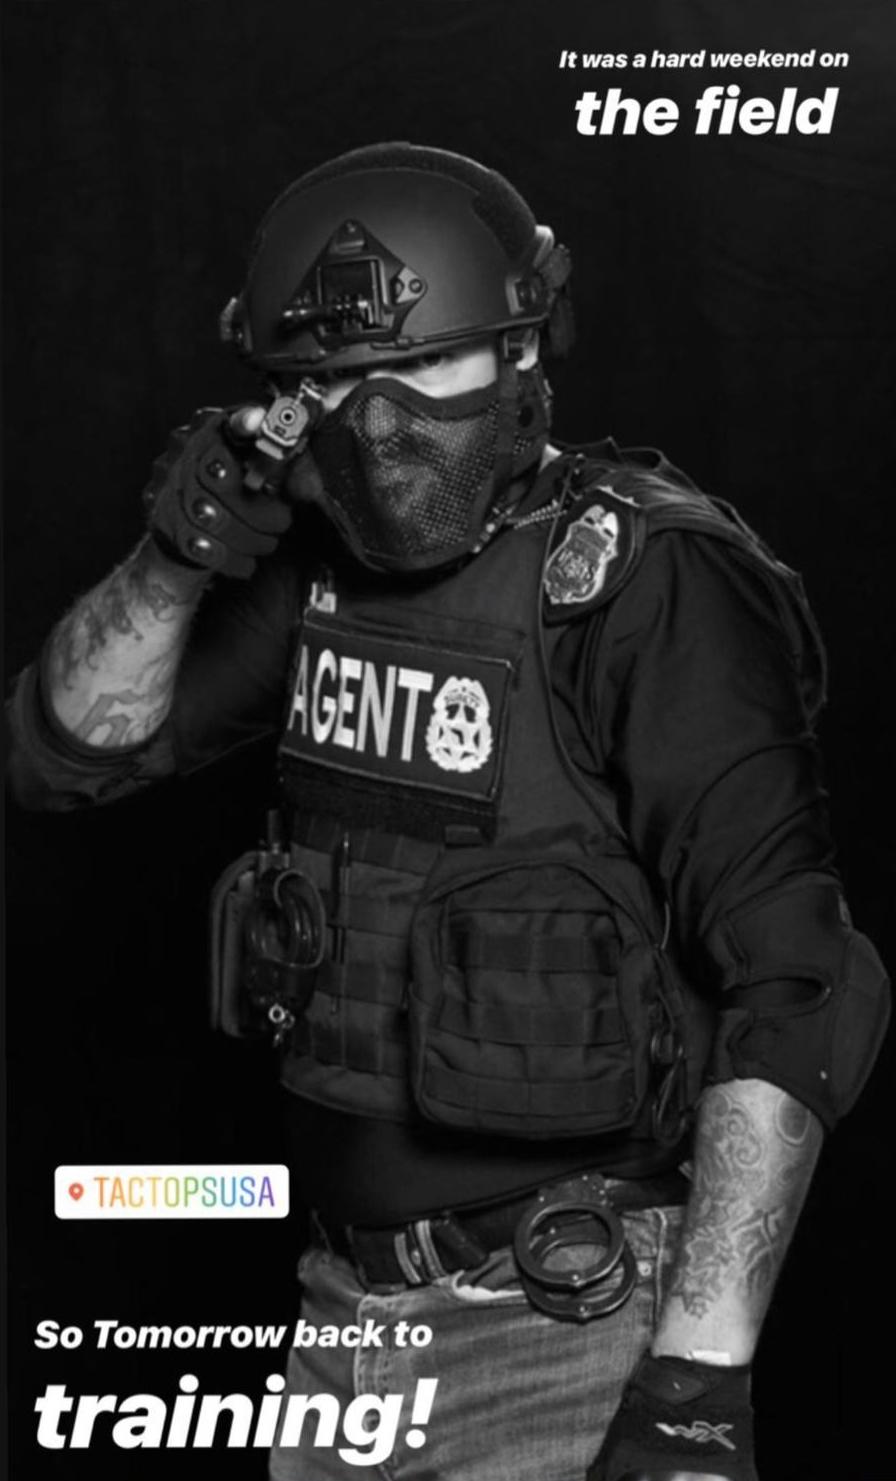 Bodyguard Training Tactopsusa